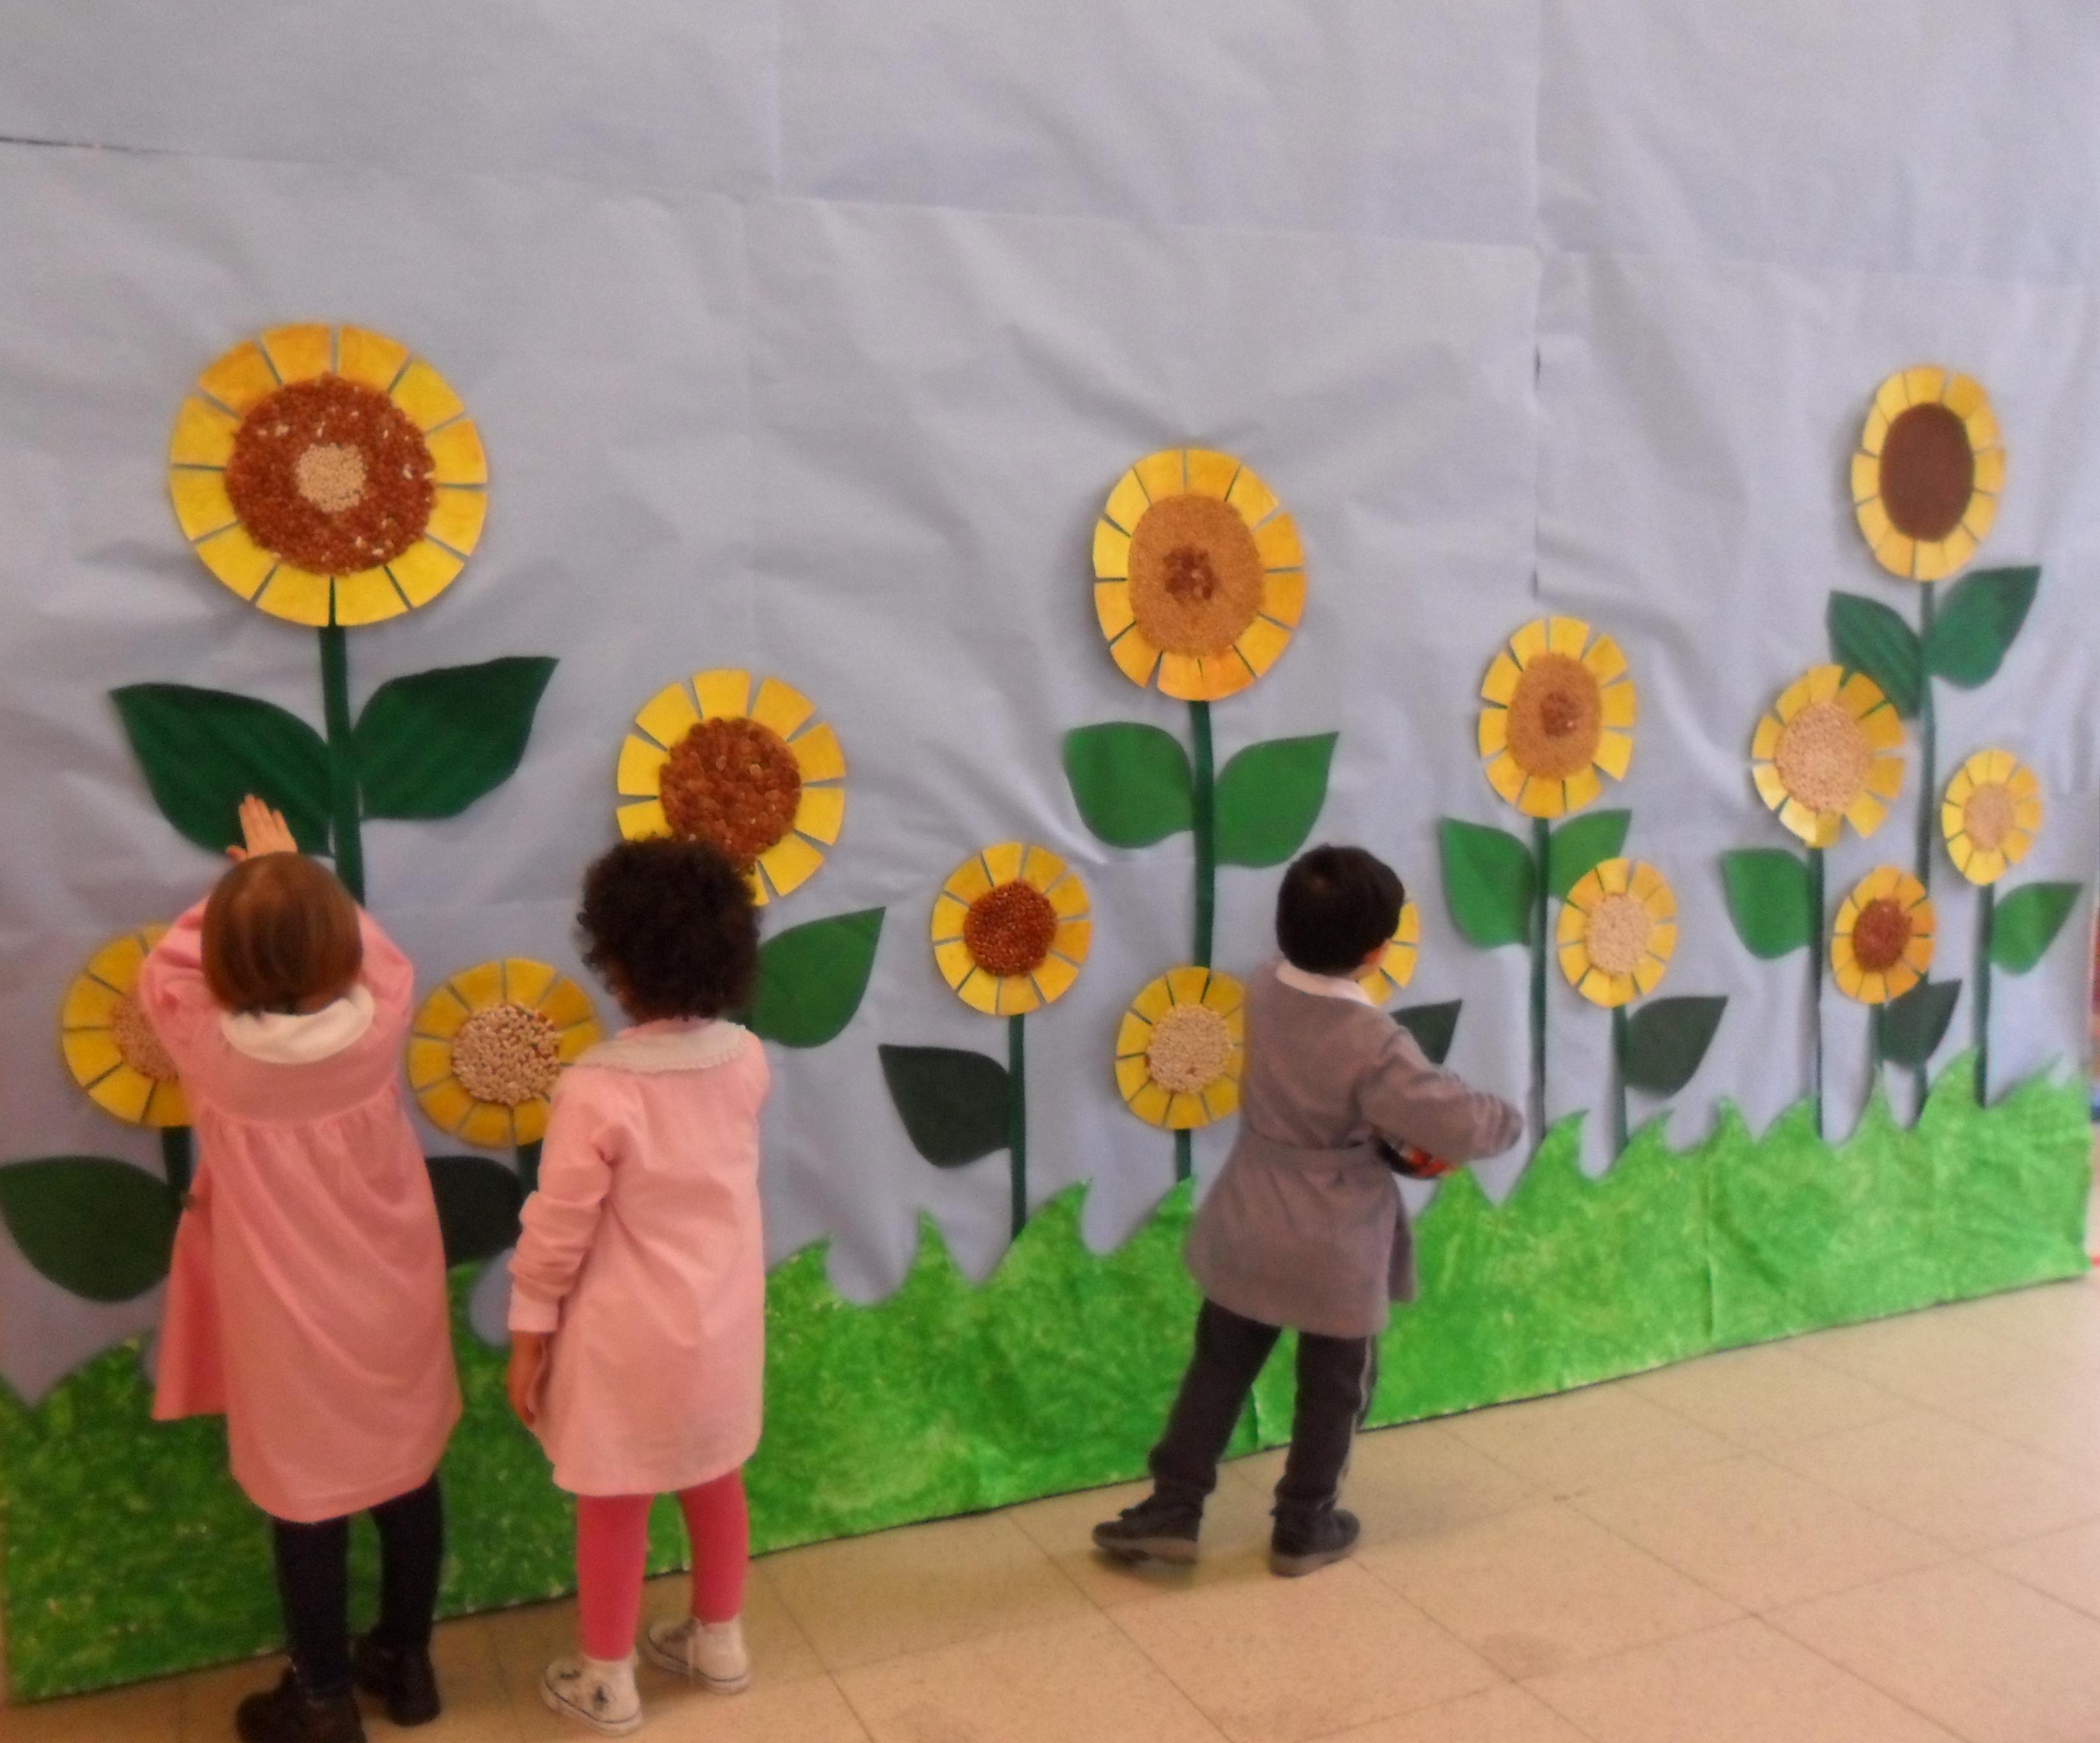 La scuola a primavera tina festa - Addobbi finestre scuola infanzia primavera ...